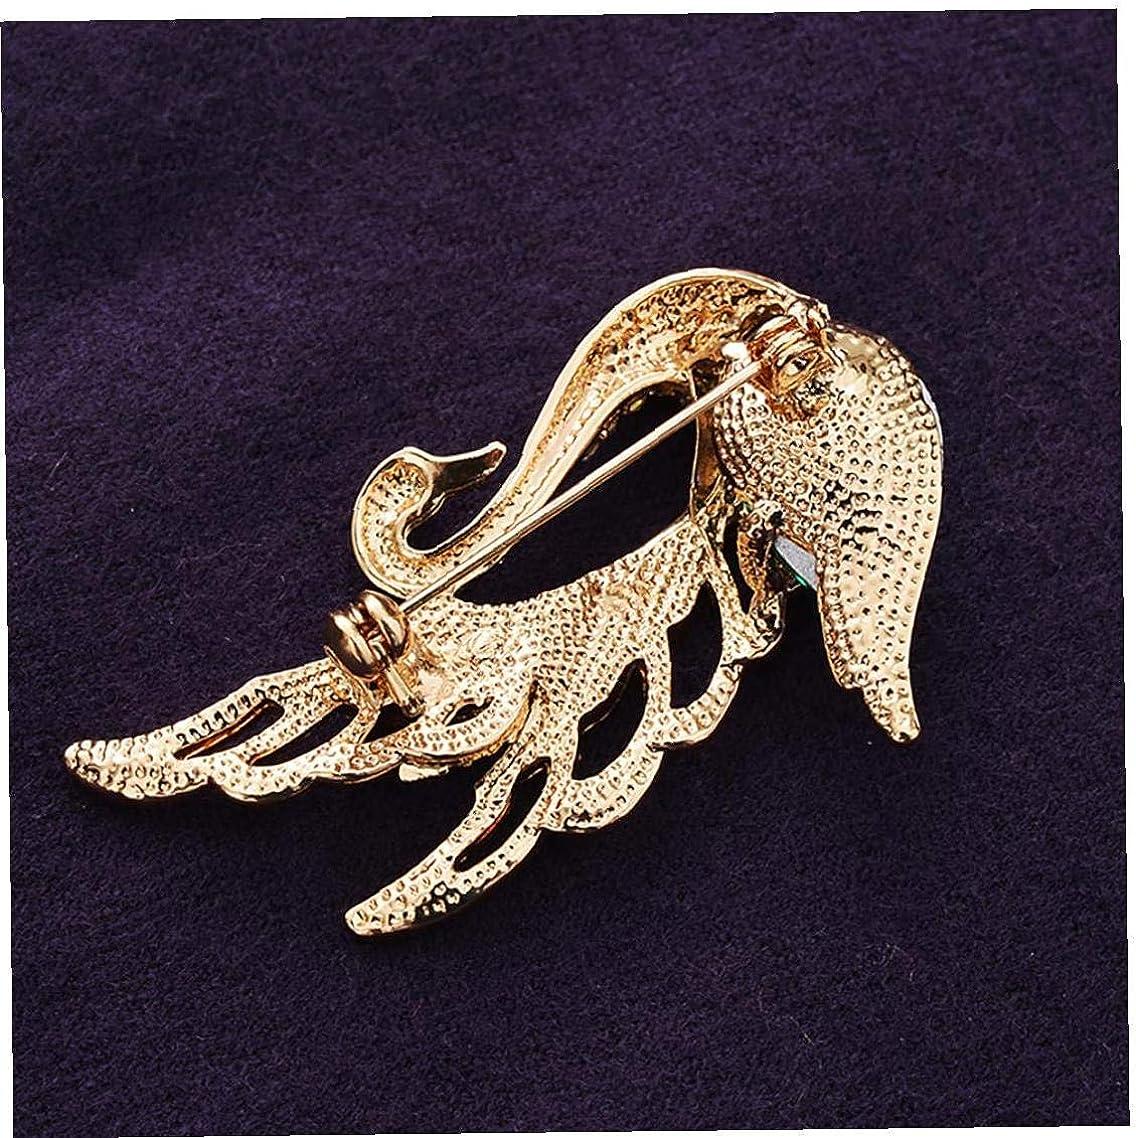 LAANCOO /Él/égant Pourpre /él/égant Cristal Broche Swan Broche Oiseau mari/ée Broche Strass Broche Fantaisie Bijoux Cadeau Femmes Filles Festival de Cadeaux